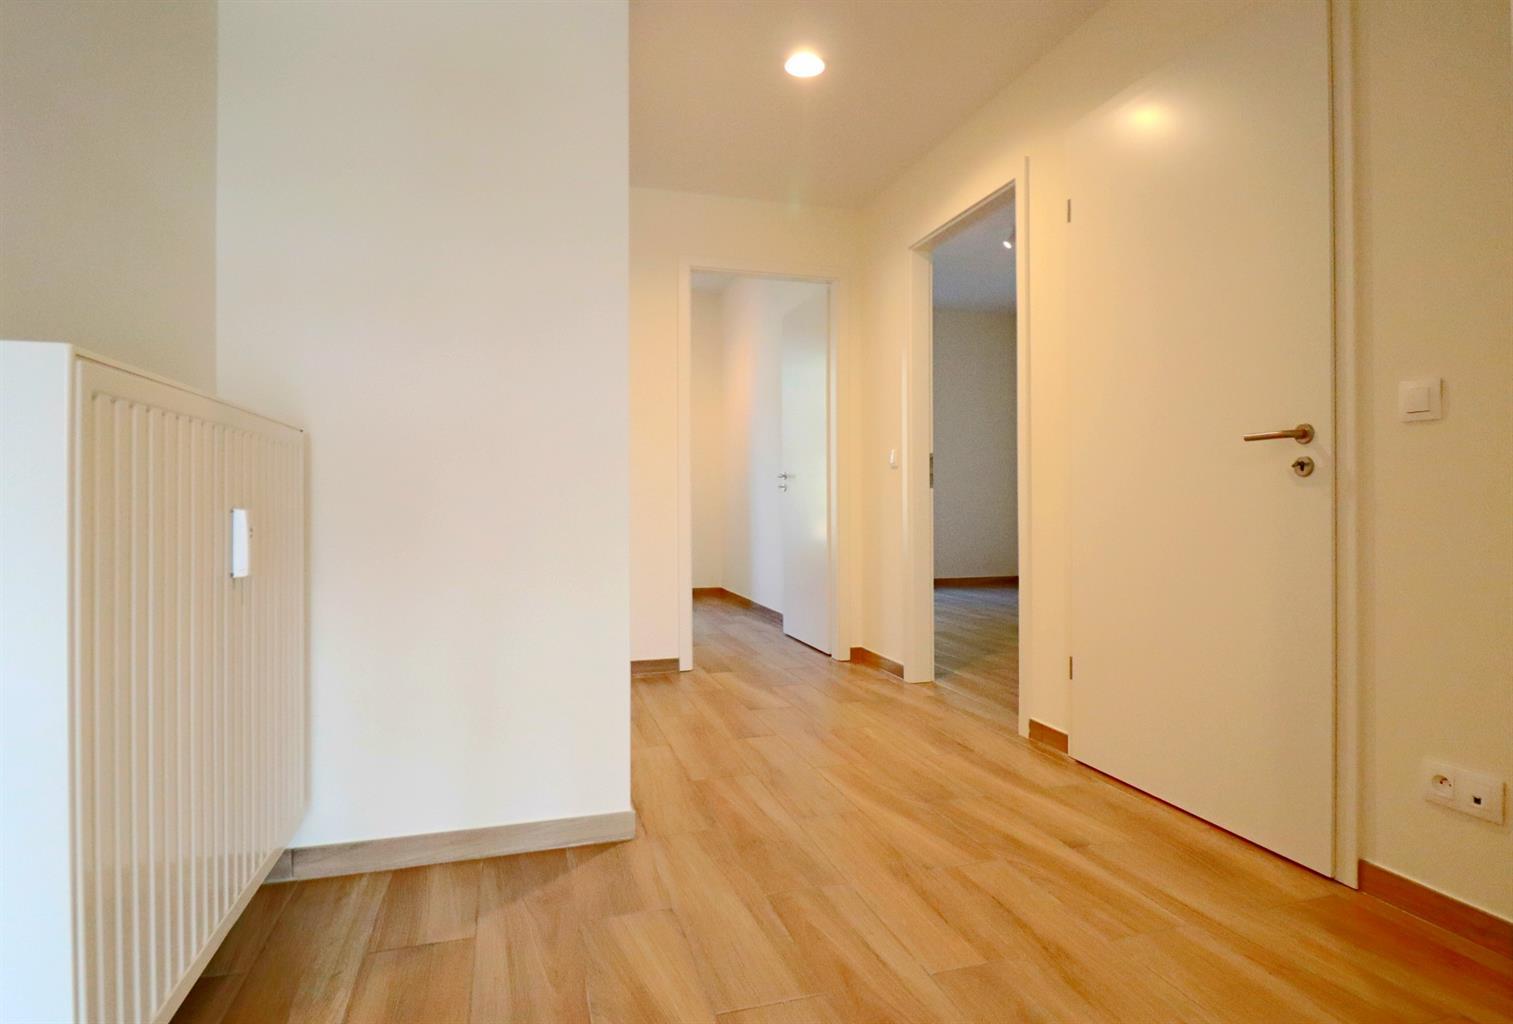 Appartement - Ottignies-Louvain-la-Neuve - #4406828-4